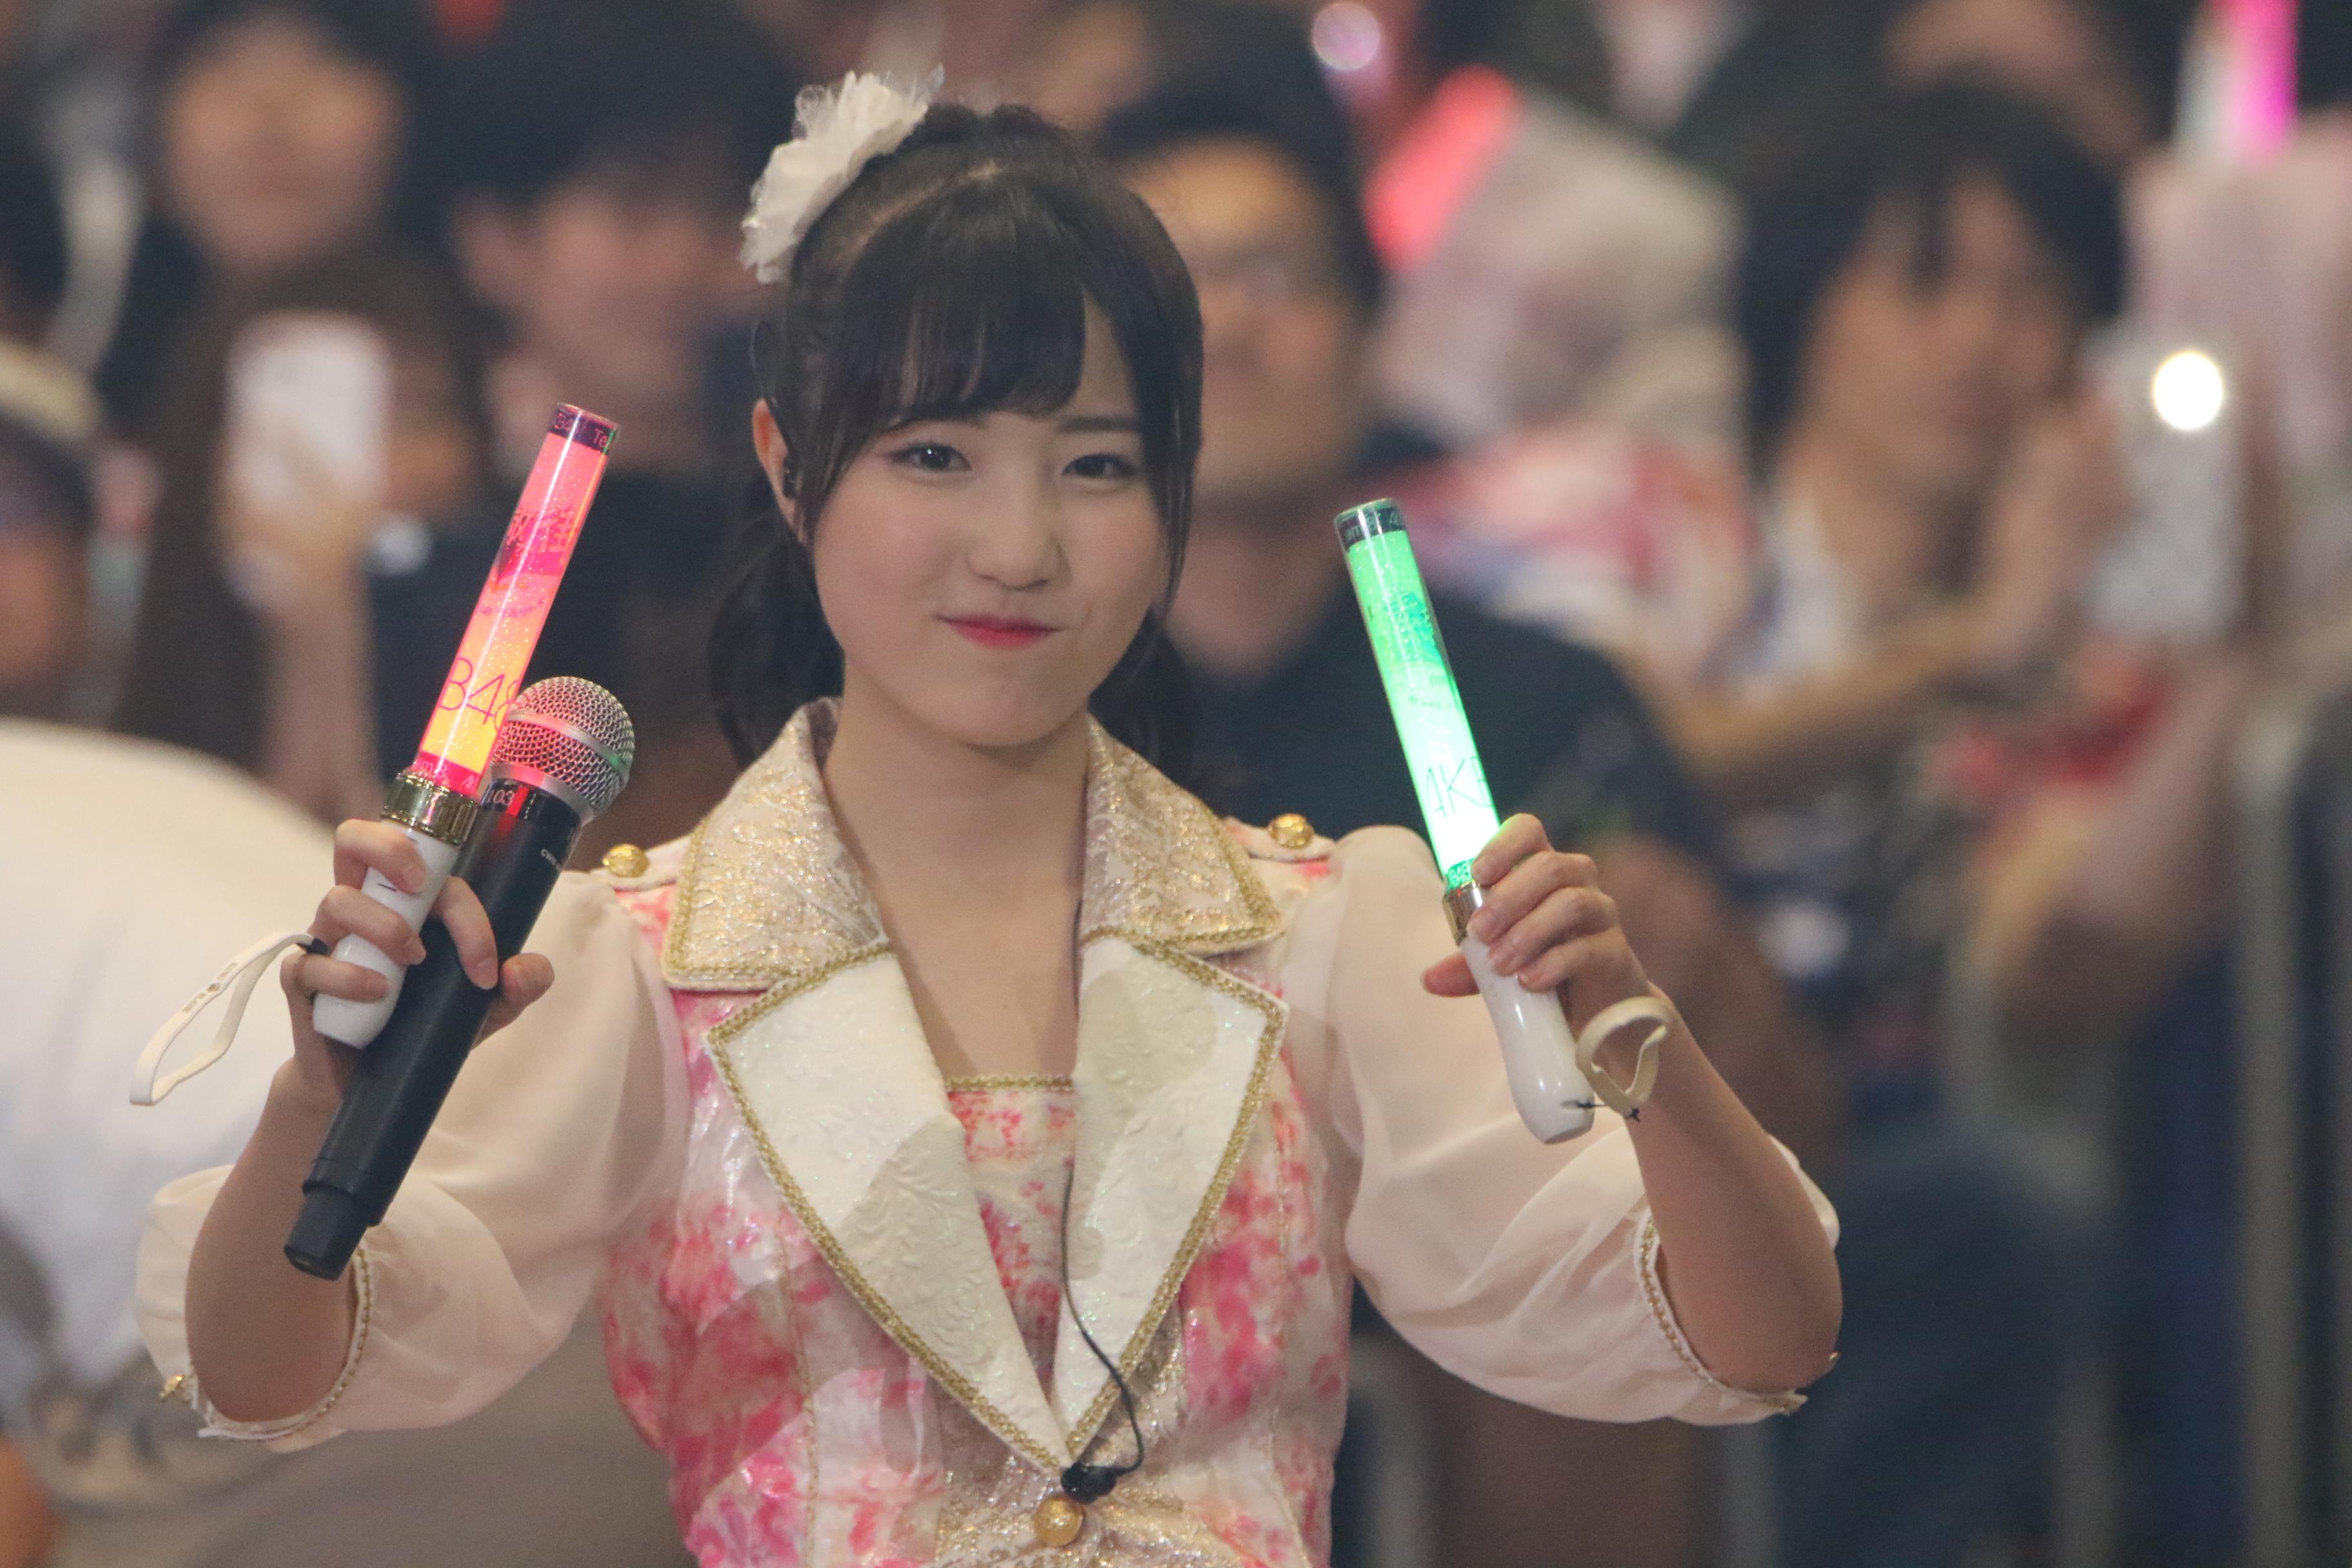 総選挙ランクインコンサートでの本田仁美